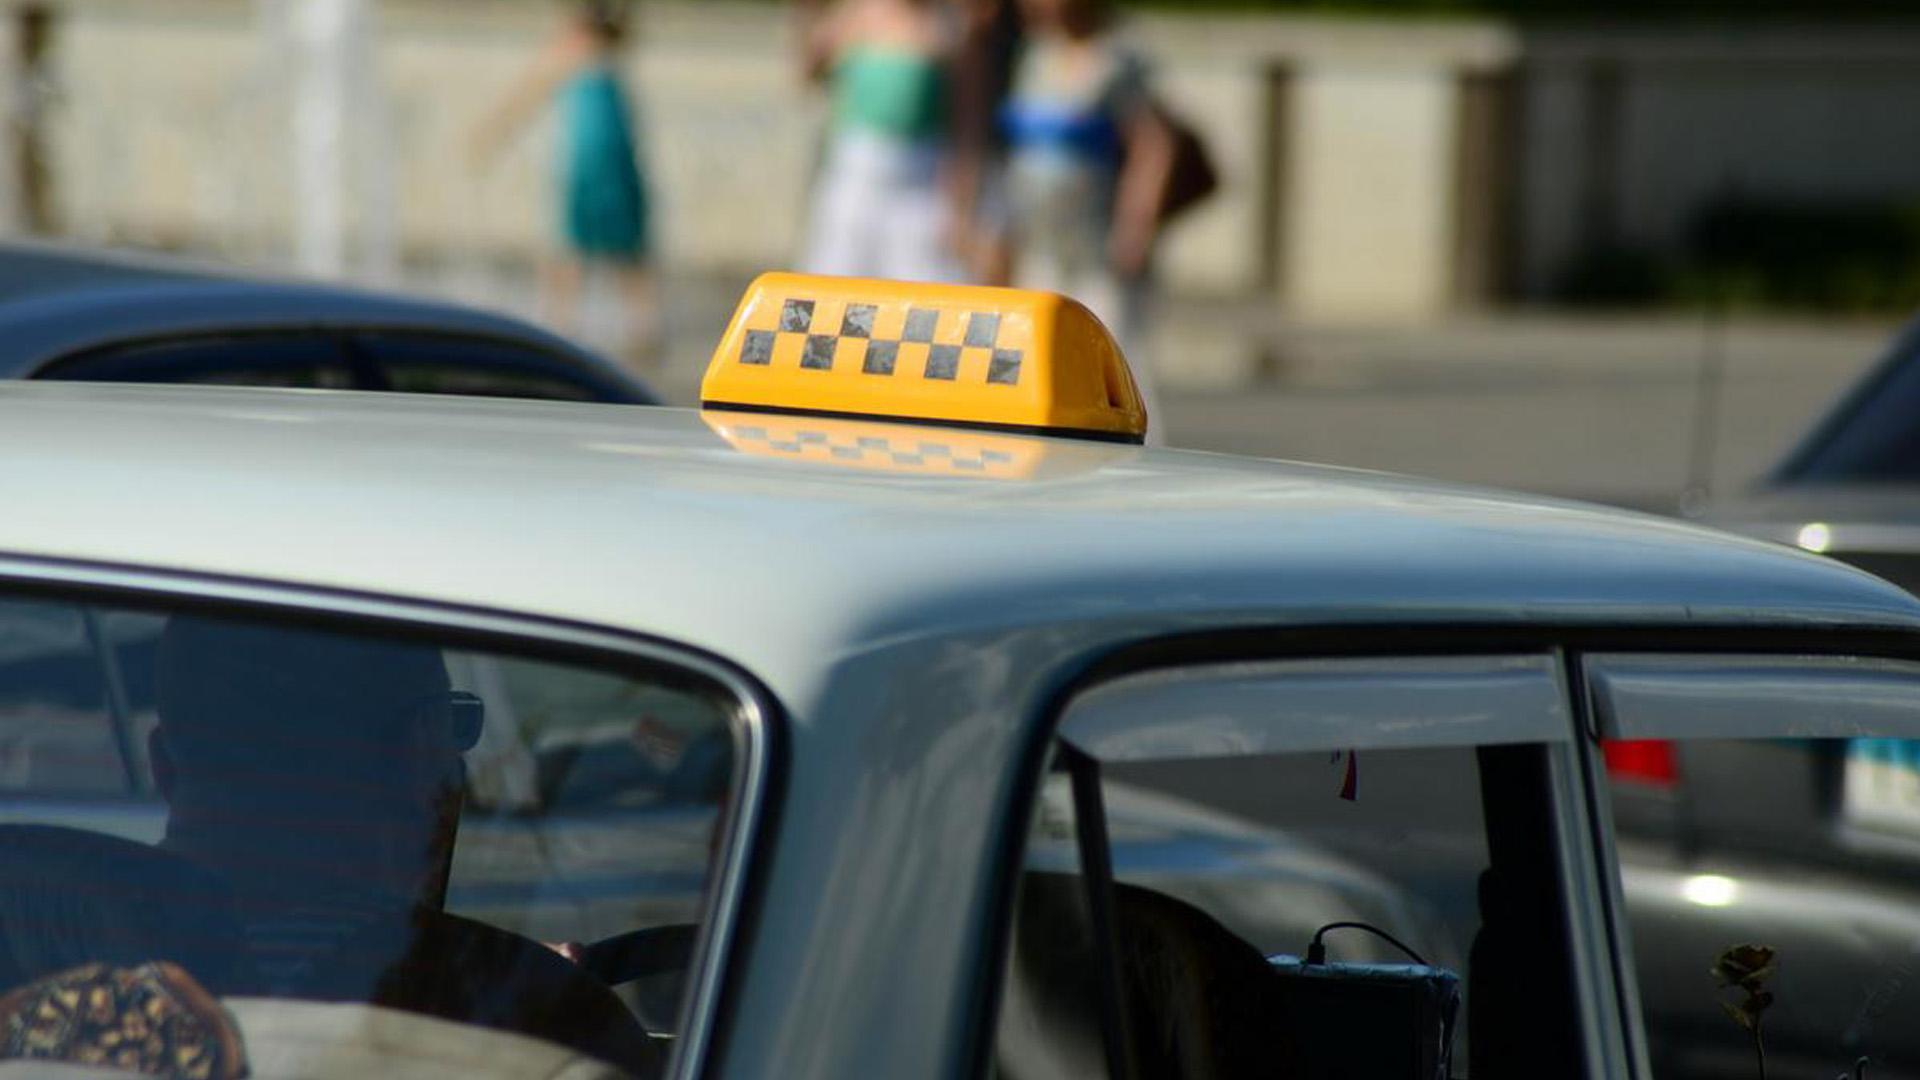 Ирина Зарипова: «Сегодня вопросы безопасности водителей такси, к сожалению, далеко не в приоритете»